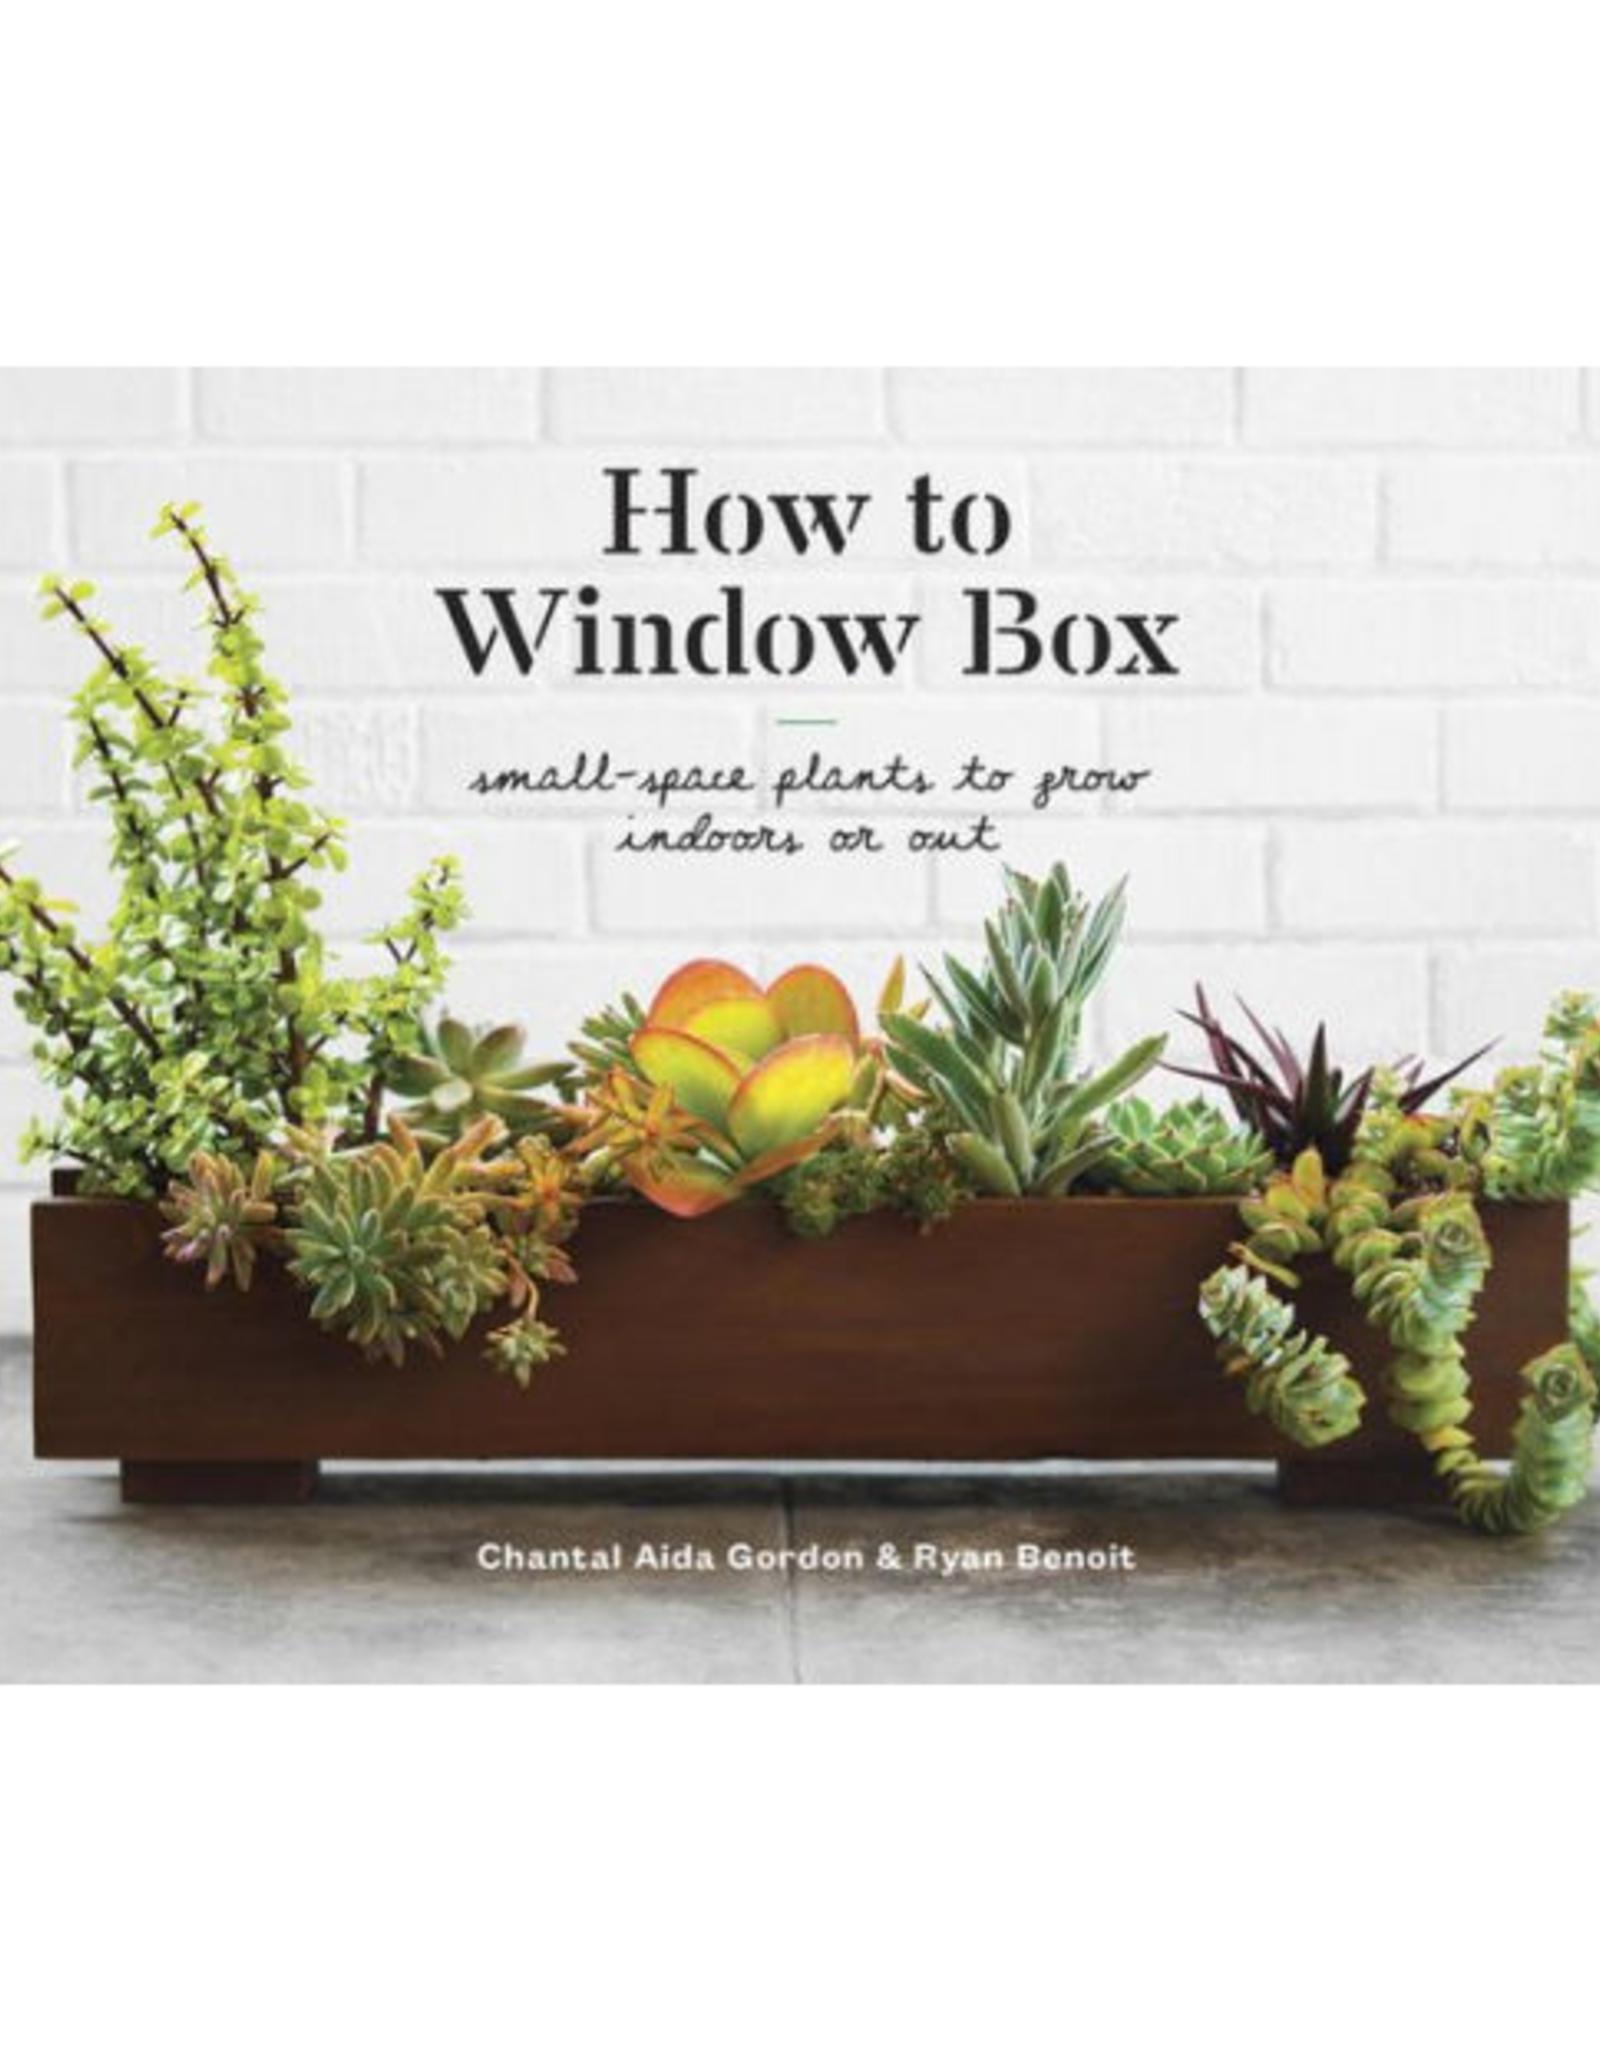 How to Windowbox